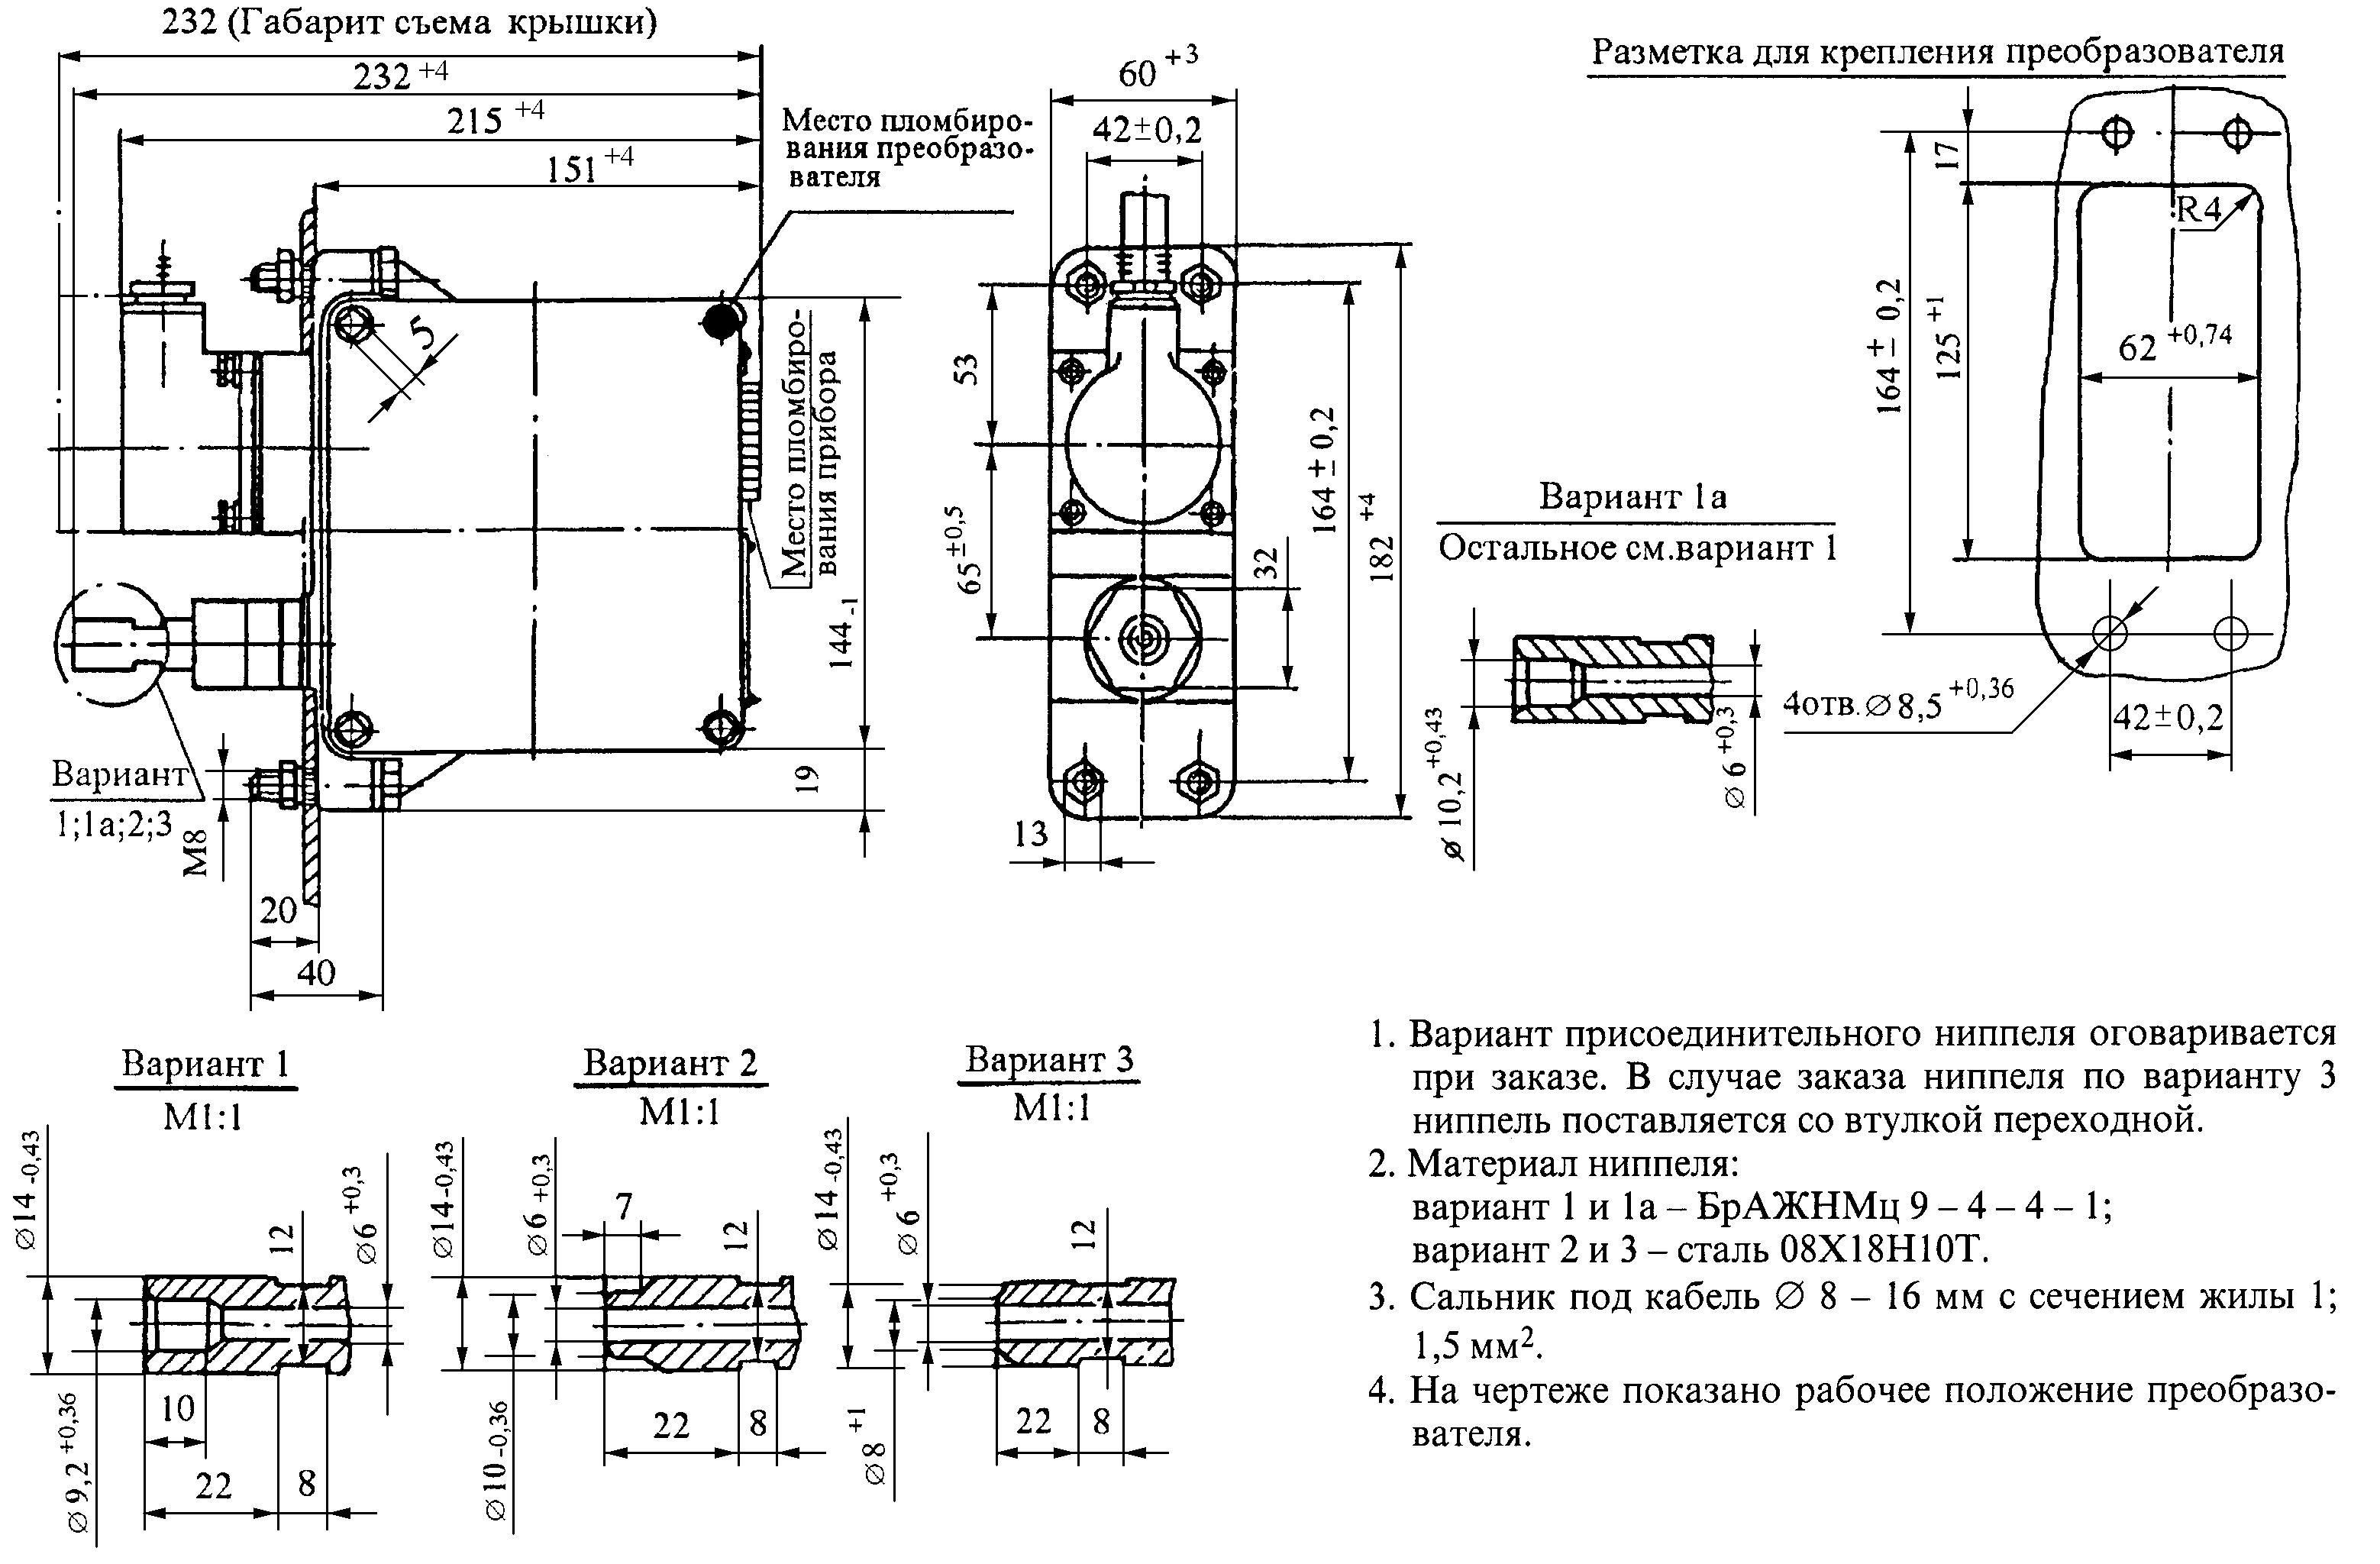 Габаритные и присоединительные размеры преобразователей ДИ и ДИВ модели 41002